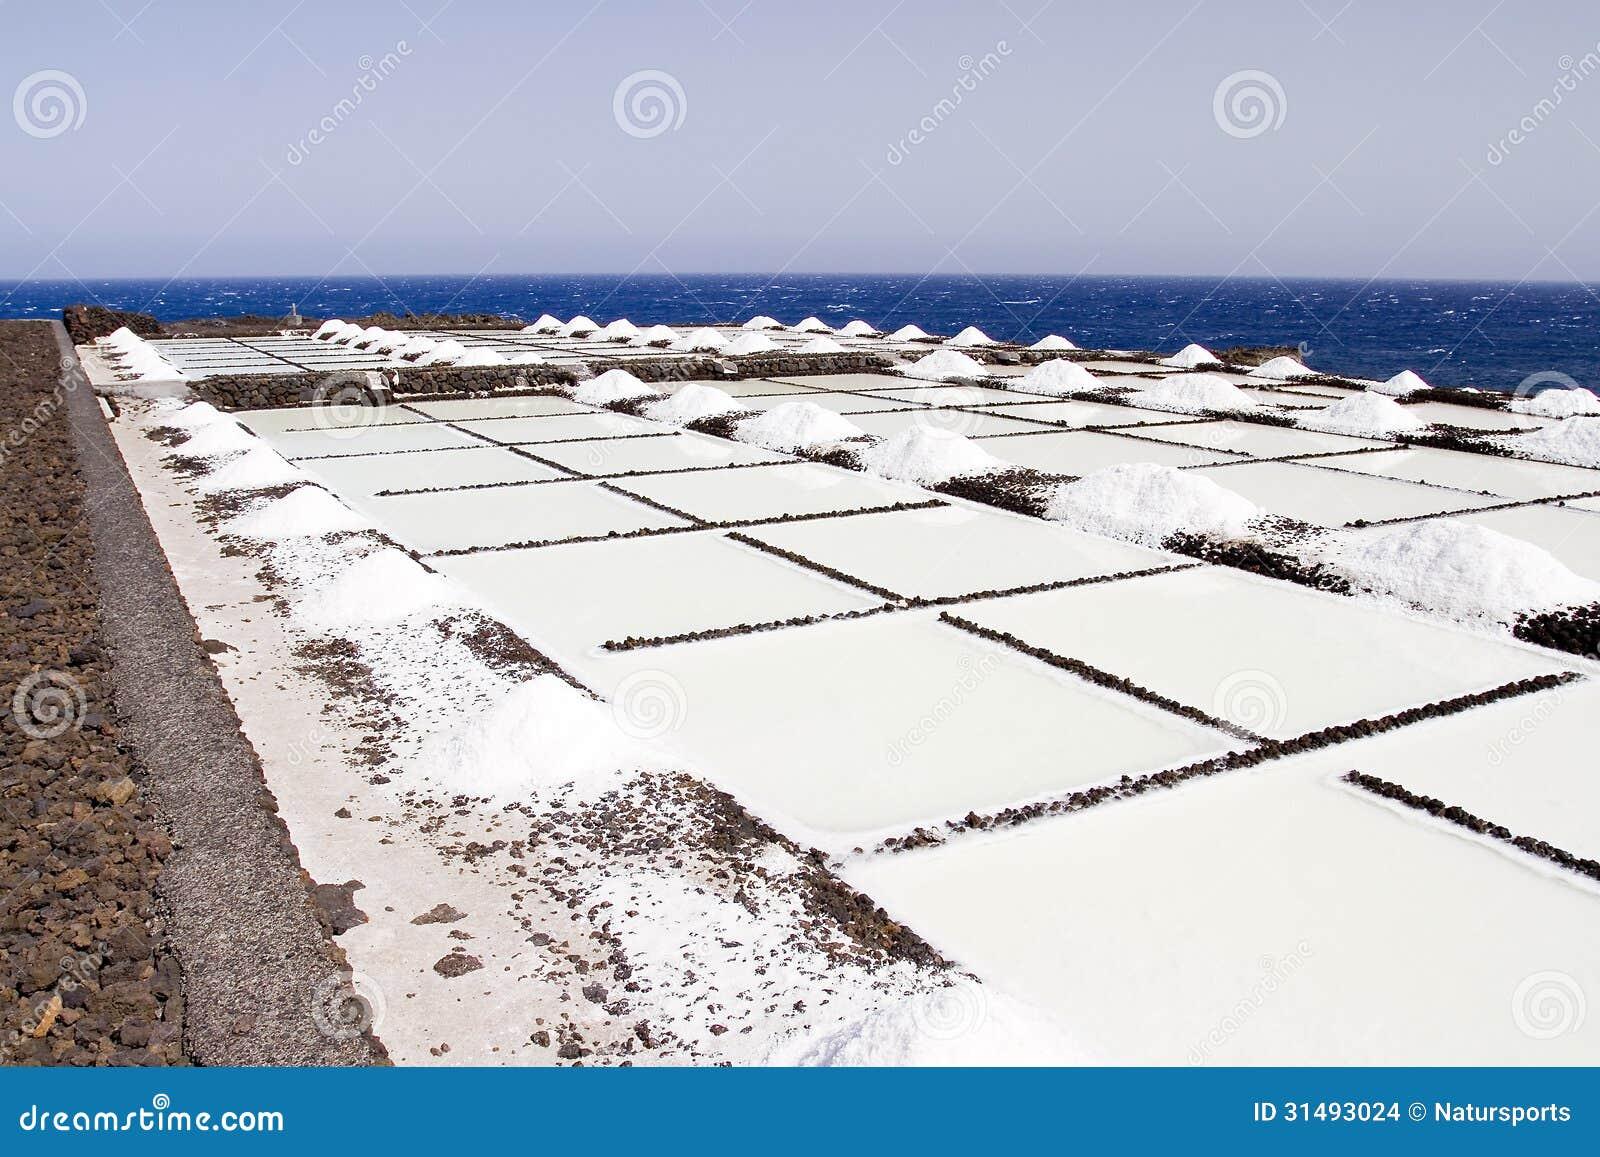 Salt evaporation ponds stock images image 31493024 for Design of evaporation pond